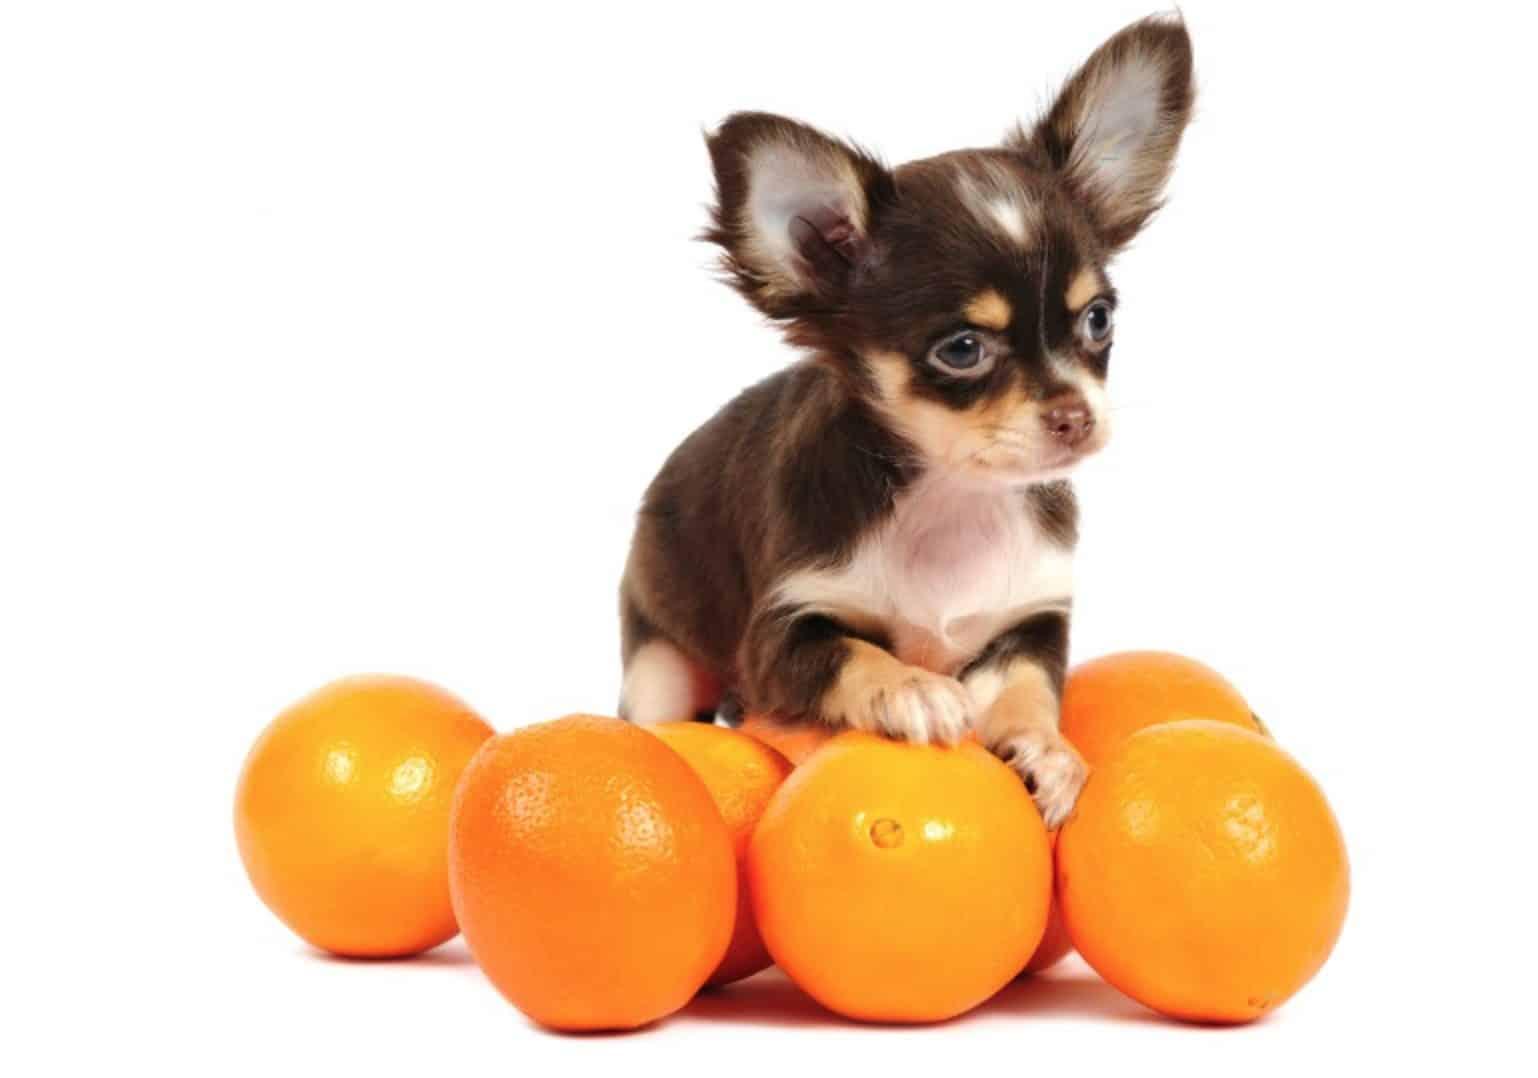 El principal beneficio para la salud de los perros que comen naranjas es la vitamina C.